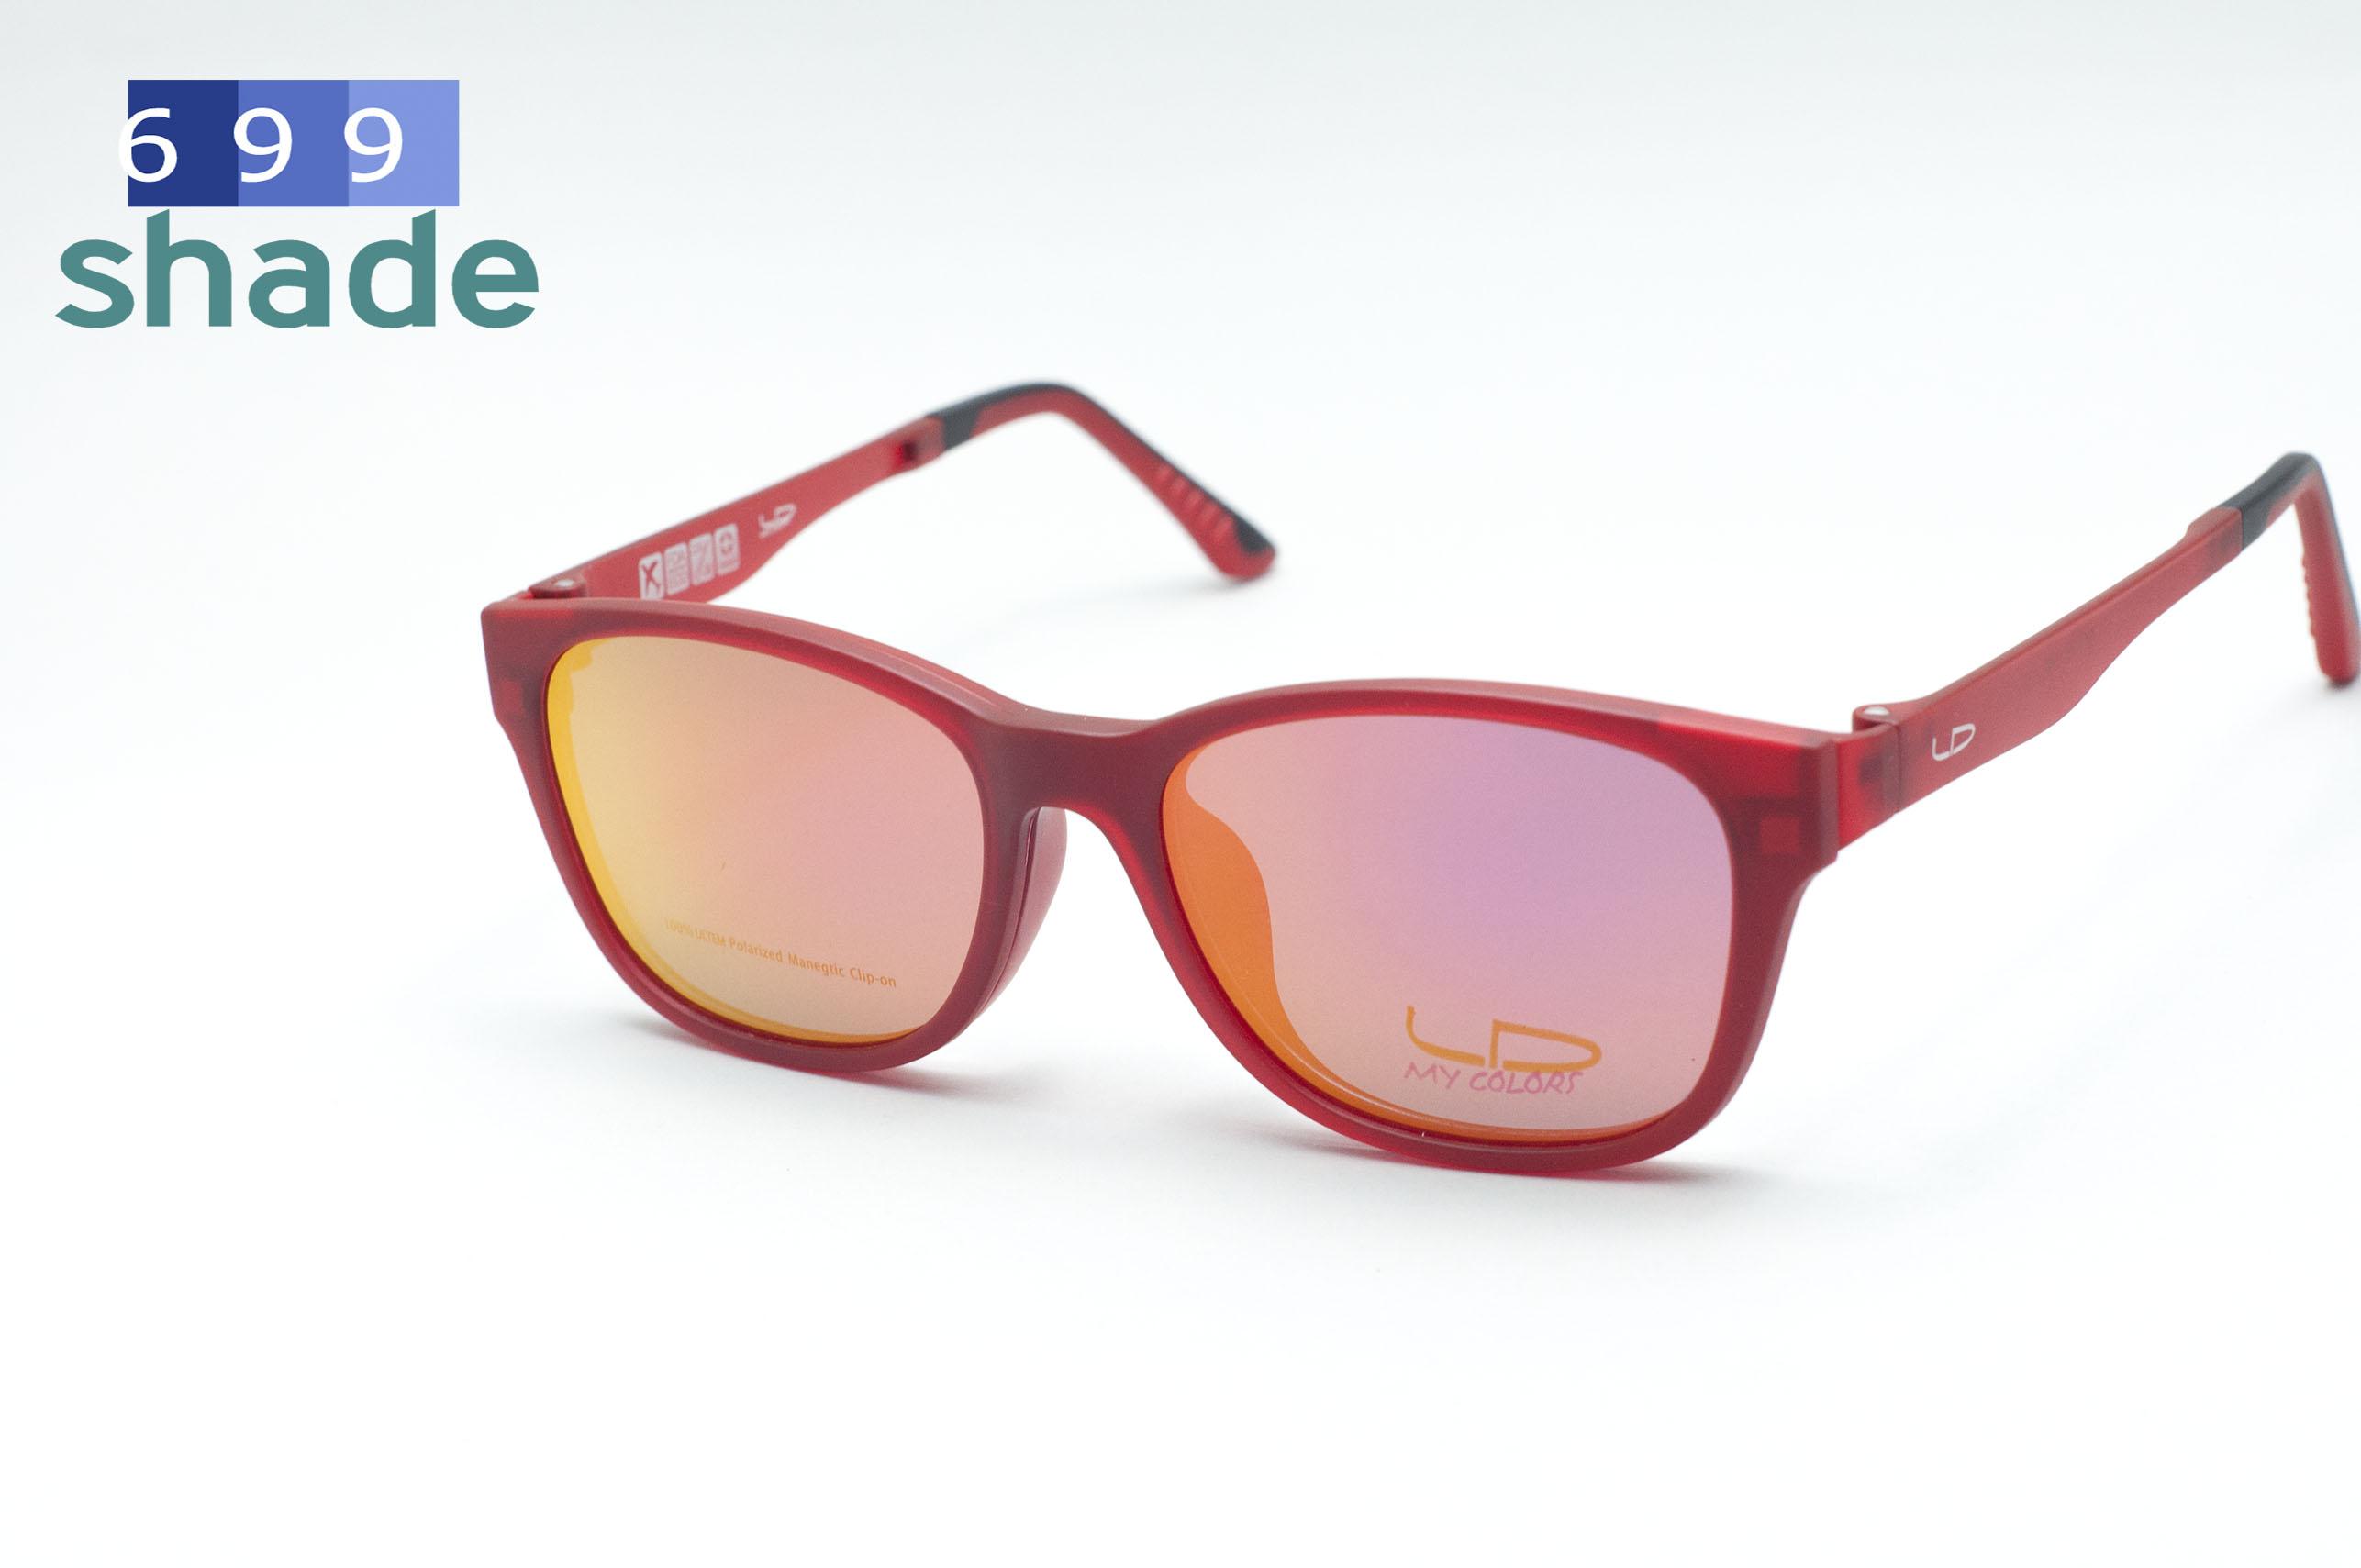 [LD รุ่น 7015 แดงปรอทชมพู] กรอบแว่นคลิปออนแม่เหล็ก เบา ยืดหยุ่น บิดงอได้ ส่งฟรี